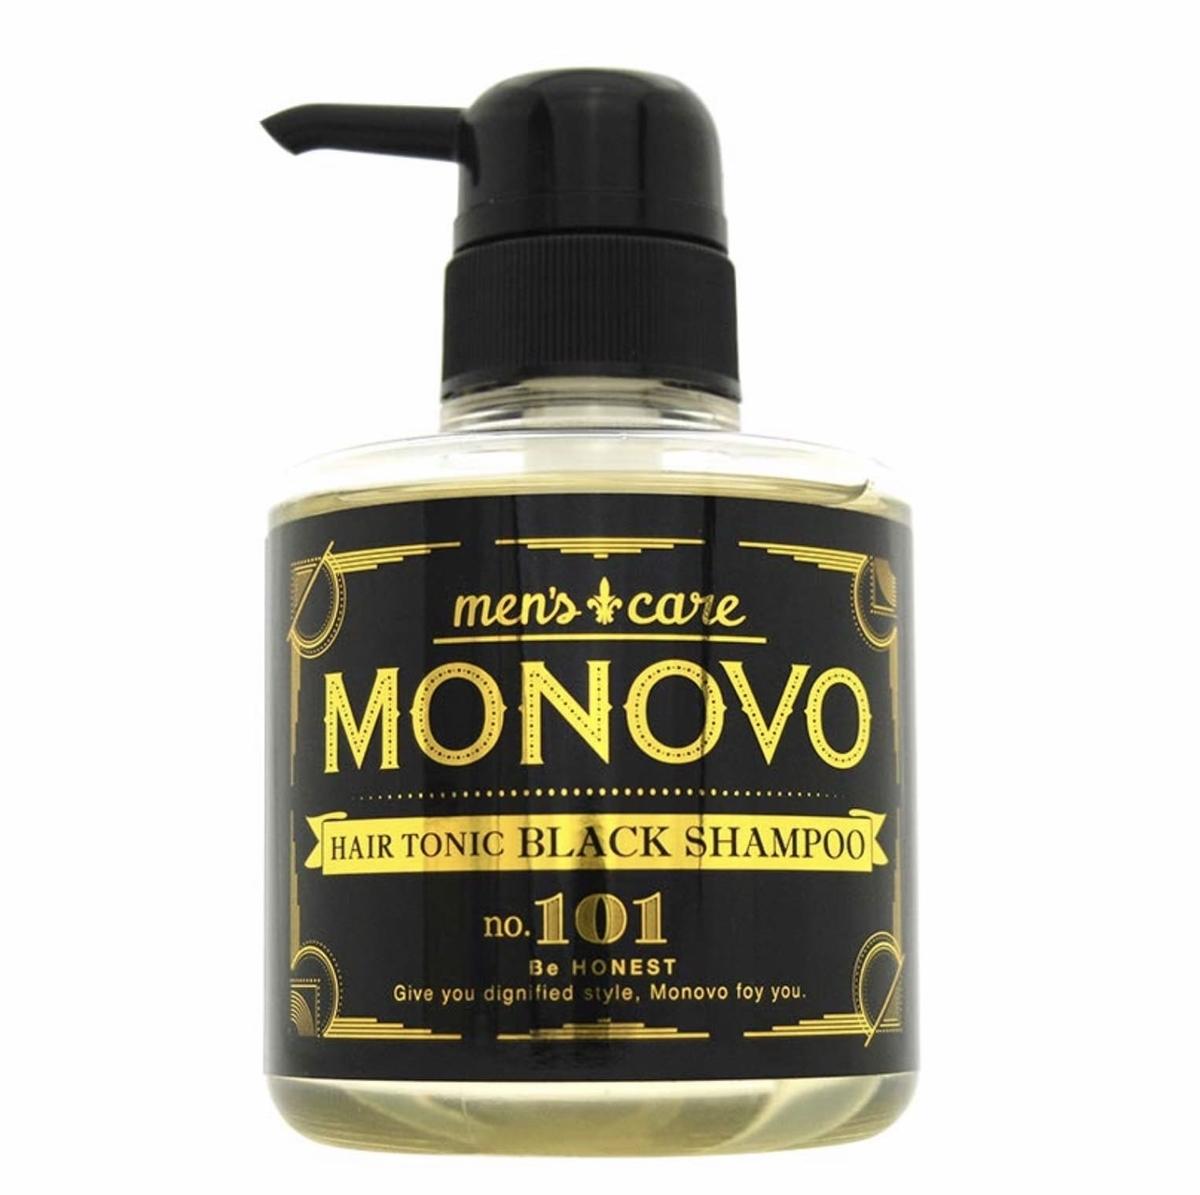 MONOVOのシャンプー